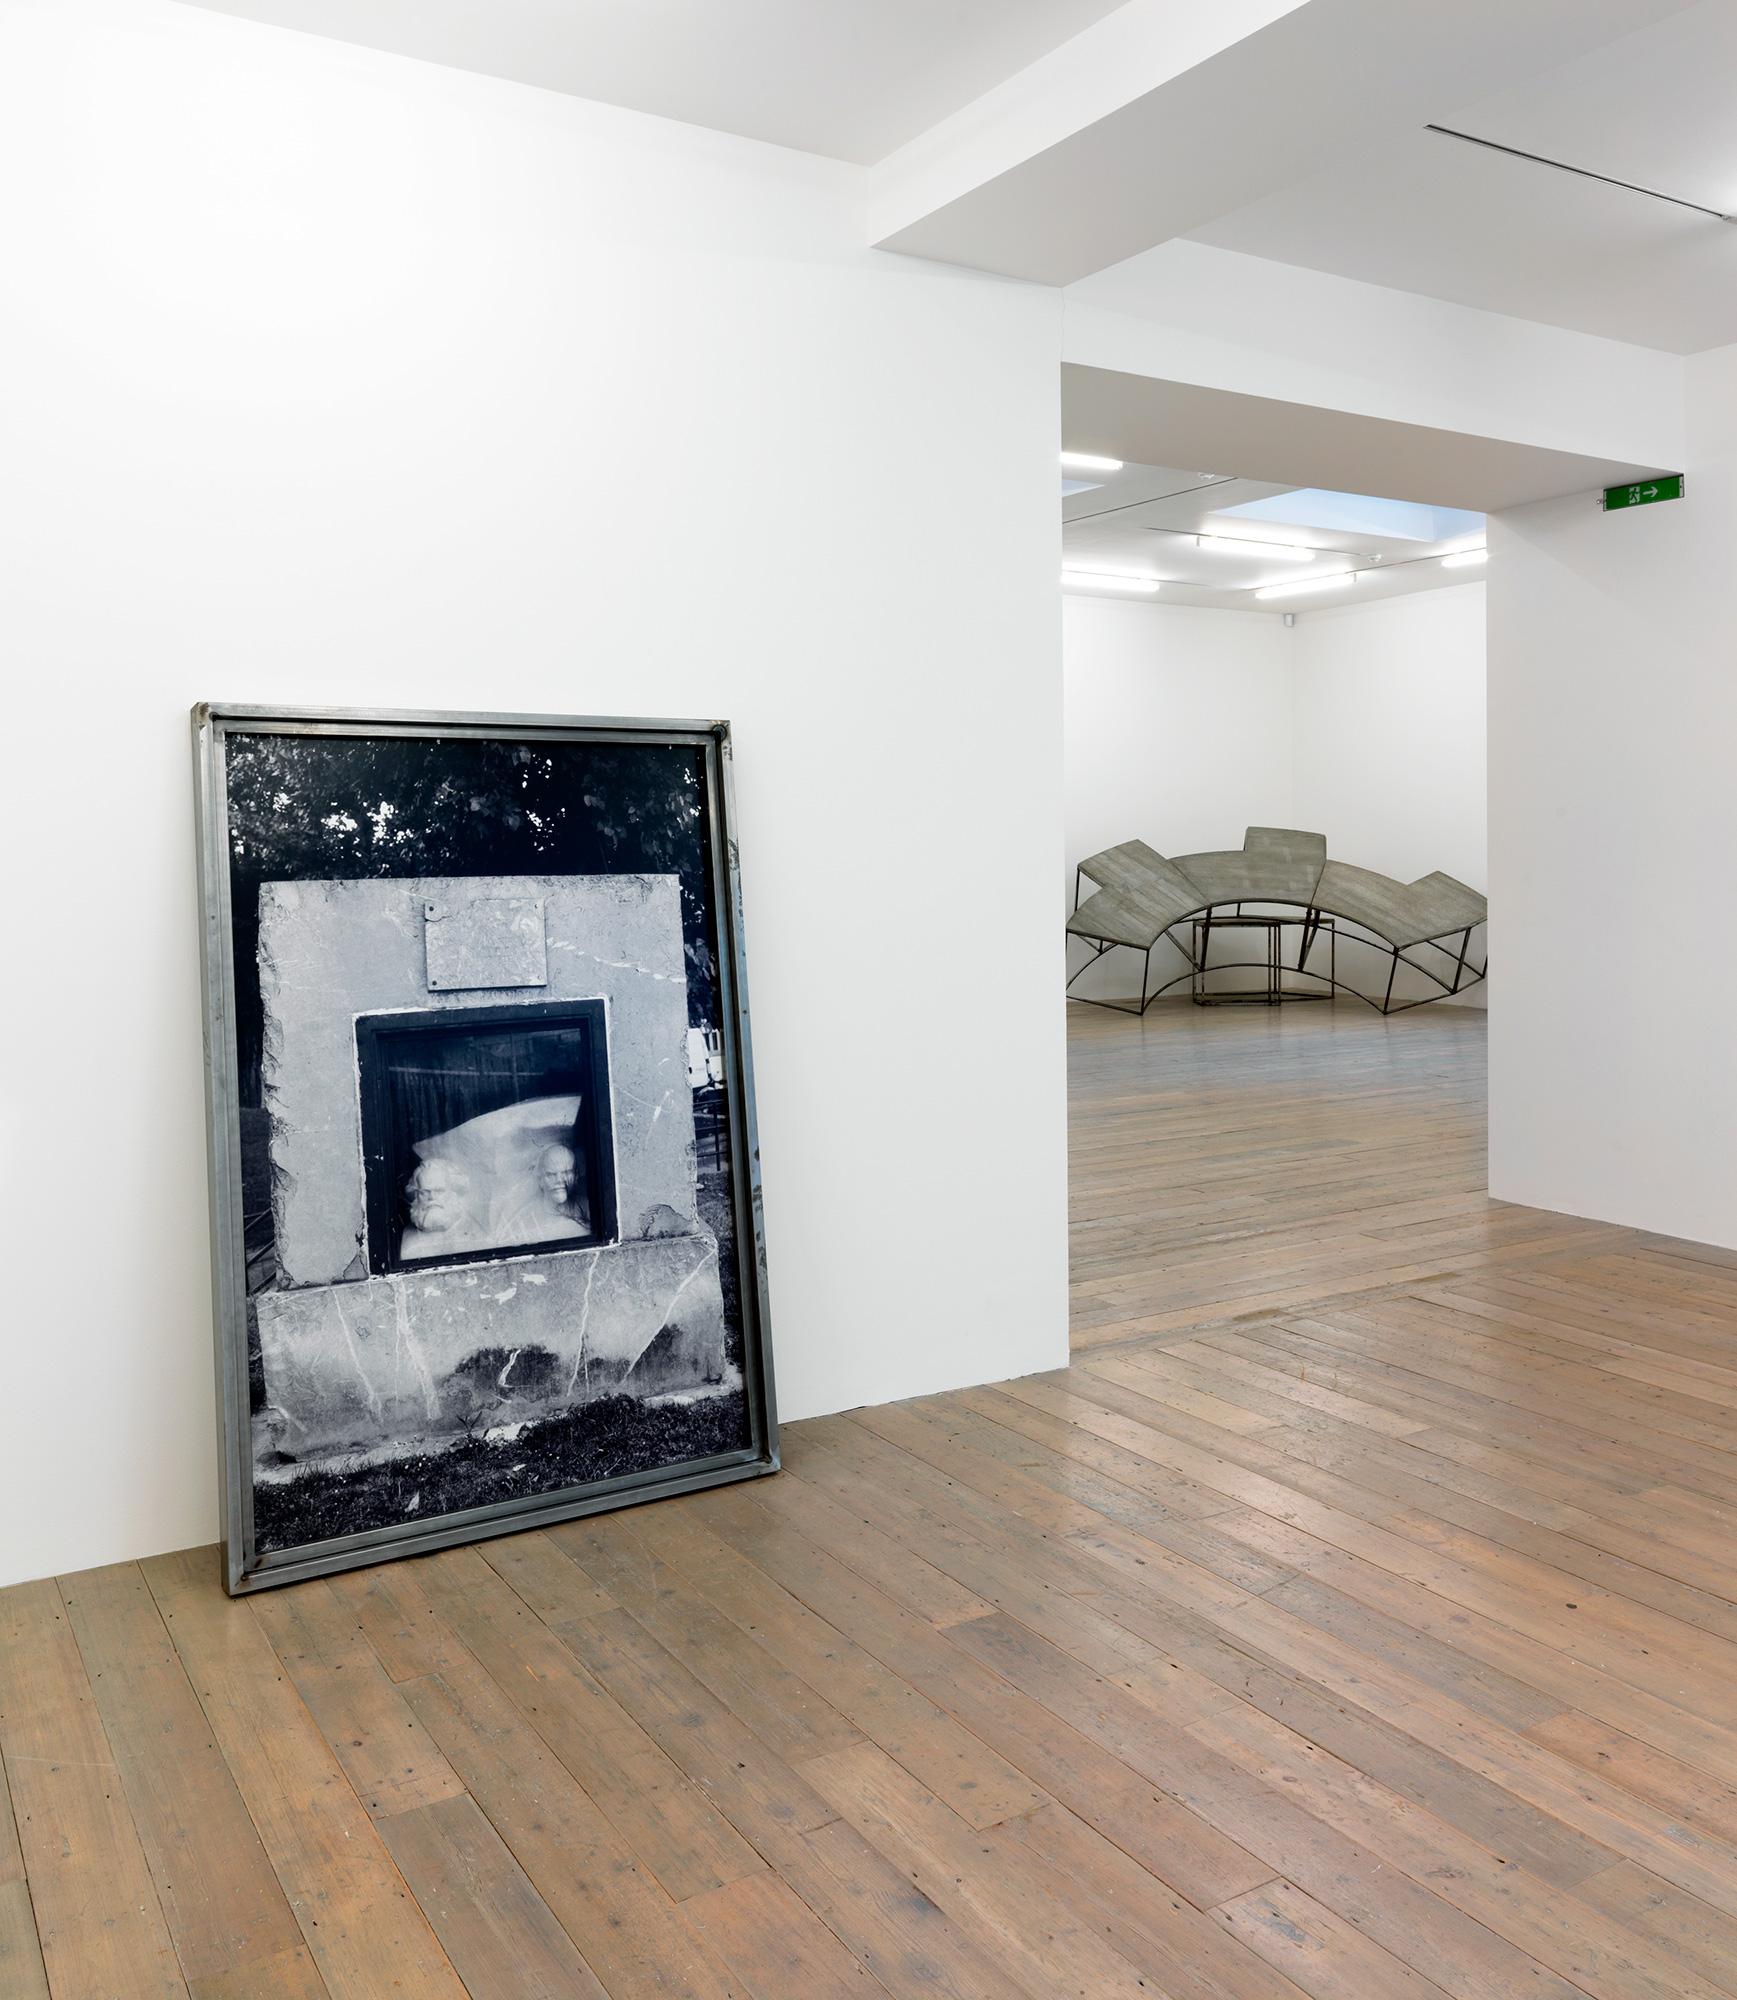 Asier Mendizabal (2011)